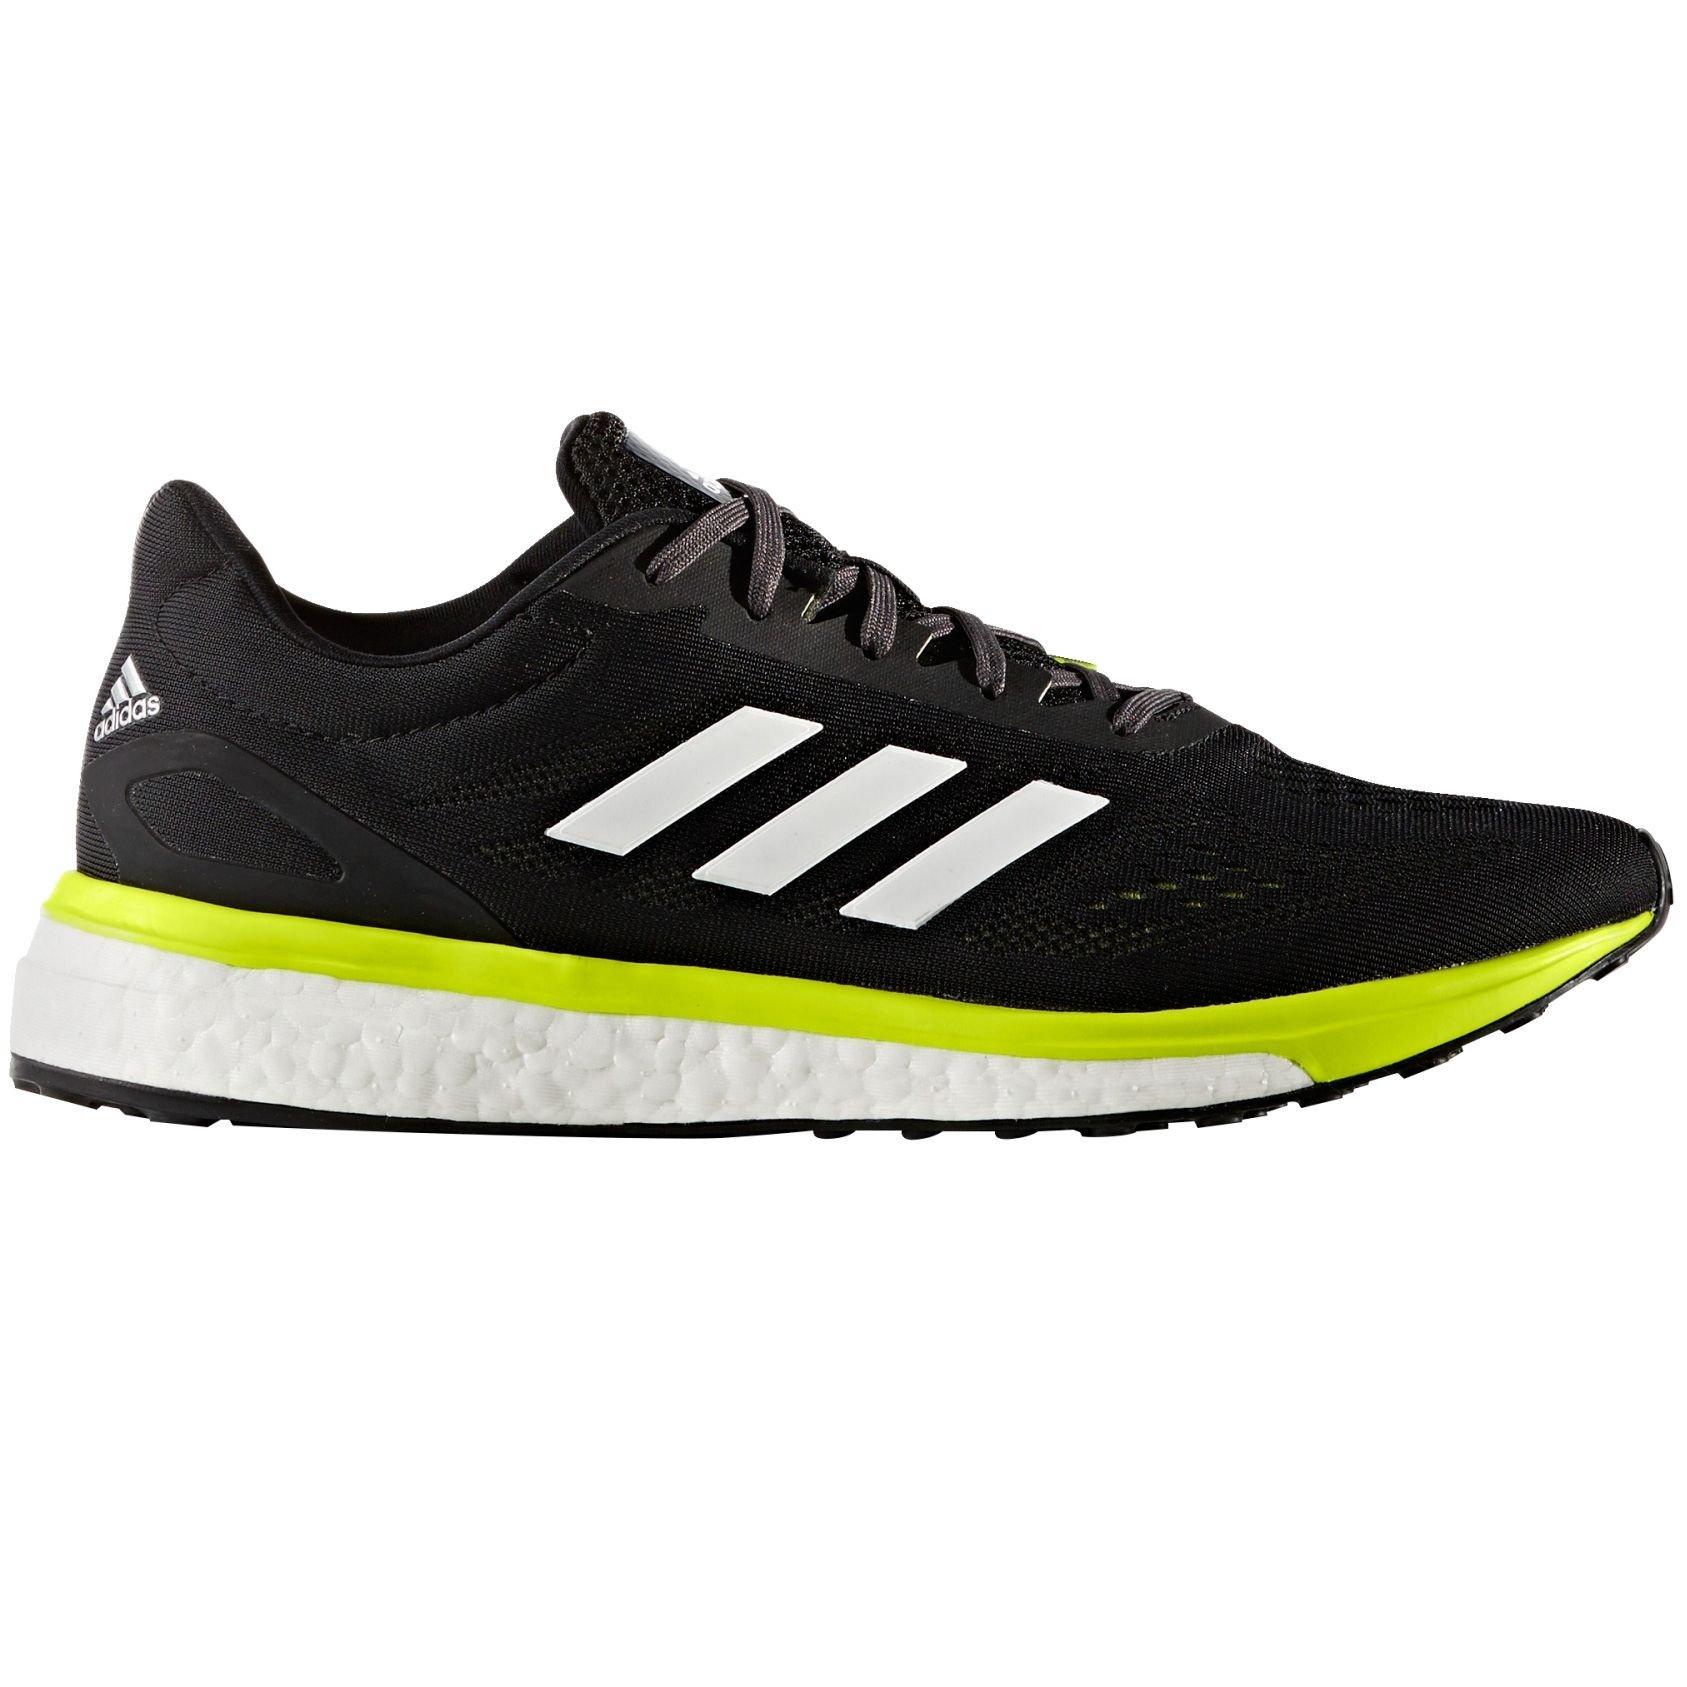 8aecc5ae2cb5 ... get adidas response boost lt mens running shoe black yellow white 12 bm  us 4324c ea1bc